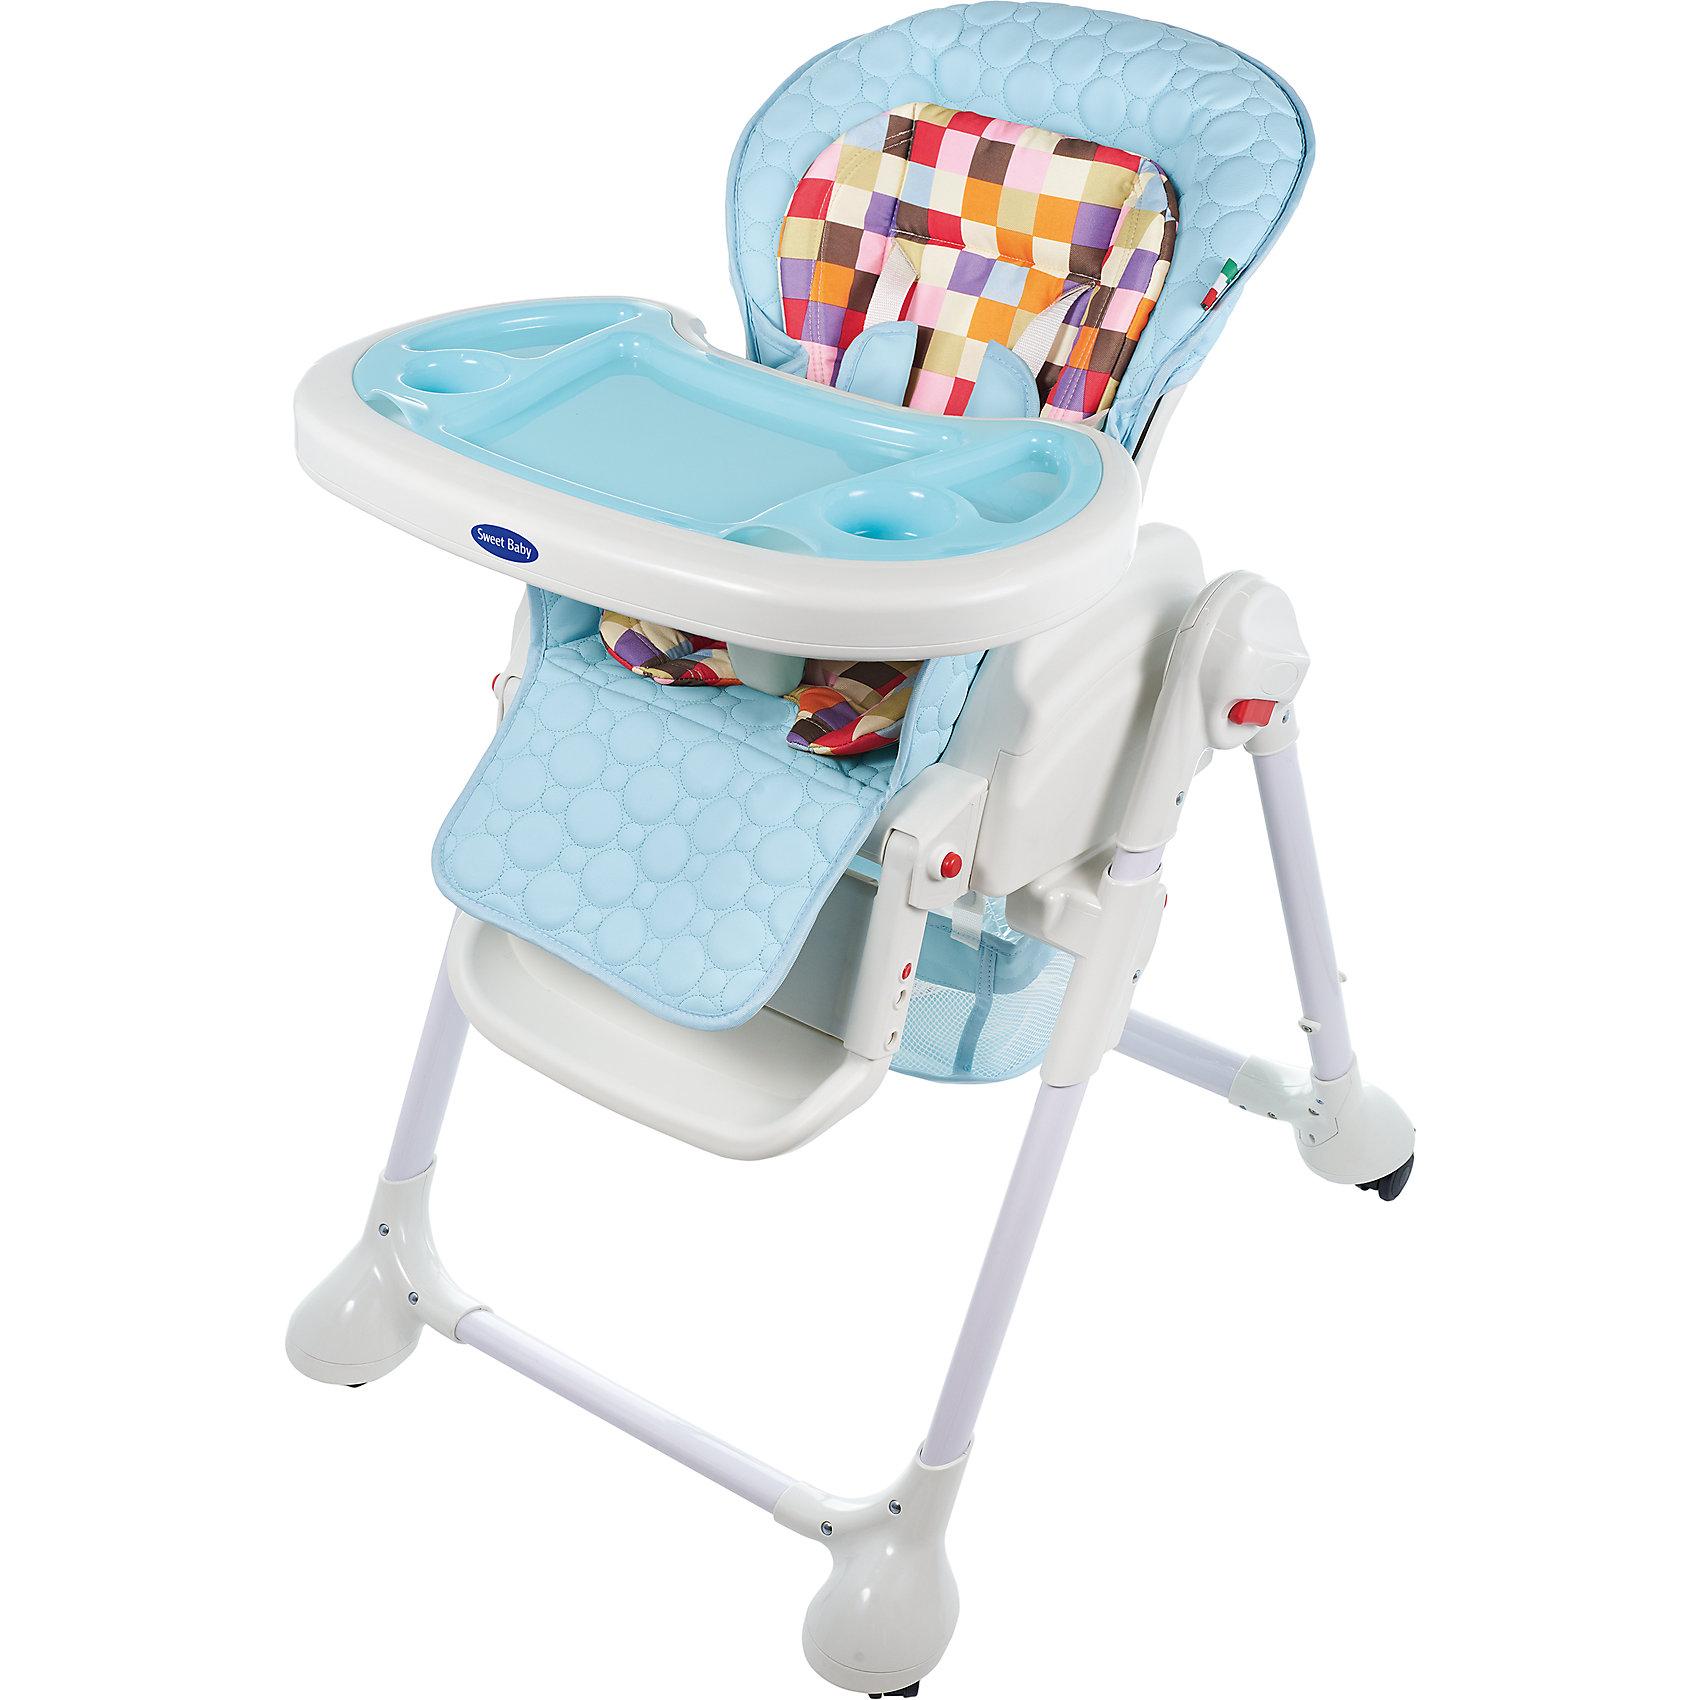 Стульчик для кормления Luxor Multicolor, Sweet Baby, Bluот рождения<br>Характеристика товара:<br><br>• цвет: Blu (голубой)<br>• используется в качестве стульчика для кормления или шезлонга для сна<br>• наклон спинки регулируется, устанавливается в горизонтальное положение<br>• регулируемая по высоте спинка (5 уровней)<br>• угол наклона спинки регулируется (3 положения)<br>• регулируемая длина подножки (3 уровня)<br>• чехол из экокожи<br>• яркий вкладыш из мягкой гипоаллергенной ткани (снимается)<br>• сетчато-текстильная корзина для аксессуаров<br>• 5-точечные ремни безопасности с надежным замком и мягкими накладками<br>• 3 позиции глубины и высоты подноса<br>• съемная верхняя накладка на поднос и 2 углубления для посуды<br>• 4 колеса со стоперами<br>• компактные размеры и устойчивость в сложенном виде<br>• возраст: от 0 месяцев<br>• материал рамы: металл, пластик<br>• страна производства: Китай<br>• вес: 15 кг<br>• размер упаковки: 91х30х65 см<br><br>Стульчик для кормления Luxor Multicolor Sweet Baby с уникальной функцией –<br>ручным механизмом качания!<br><br>Компактный стульчик для кормления теперь может быть и кроваткой – Вы сможете заняться любым делом, параллельно убаюкивая своего малыша.<br><br>Стульчик легко перемещается, а это значит, что Вы сможете убаюкать крошку там, где Вам удобно.<br><br>Стульчик для кормления Luxor Multicolor, Sweet Baby, Blu можно купить в нашем интернет-магазине.<br><br>Ширина мм: 640<br>Глубина мм: 910<br>Высота мм: 300<br>Вес г: 17400<br>Возраст от месяцев: 0<br>Возраст до месяцев: 36<br>Пол: Унисекс<br>Возраст: Детский<br>SKU: 5583545